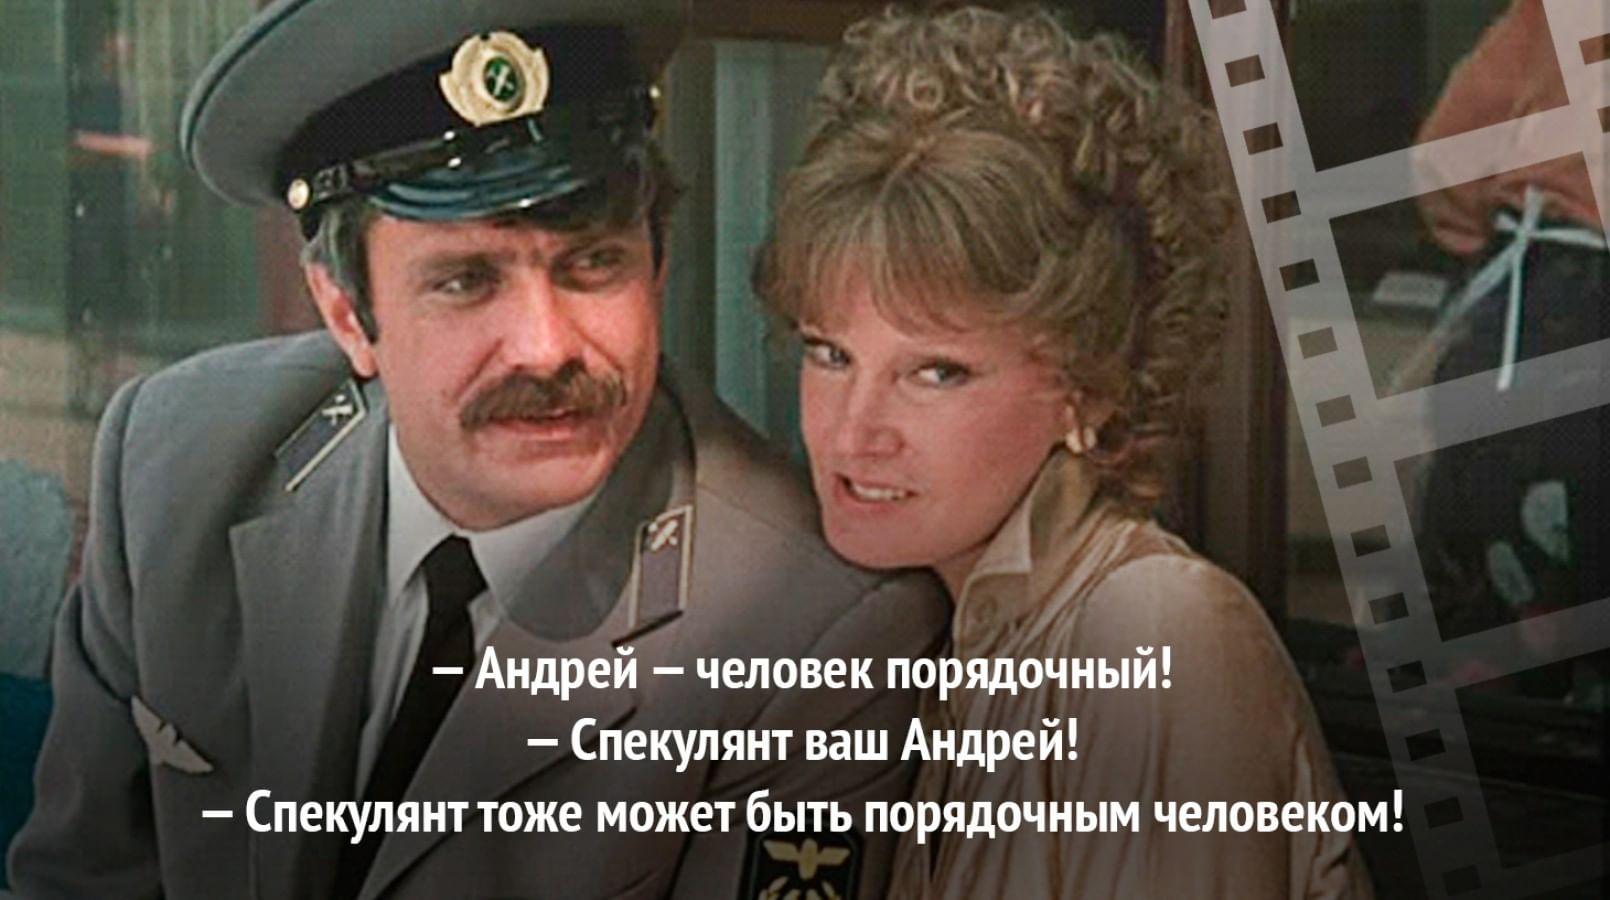 Проводник Андрей в фильме «Вокзал для двоих» занимался спекуляцией.